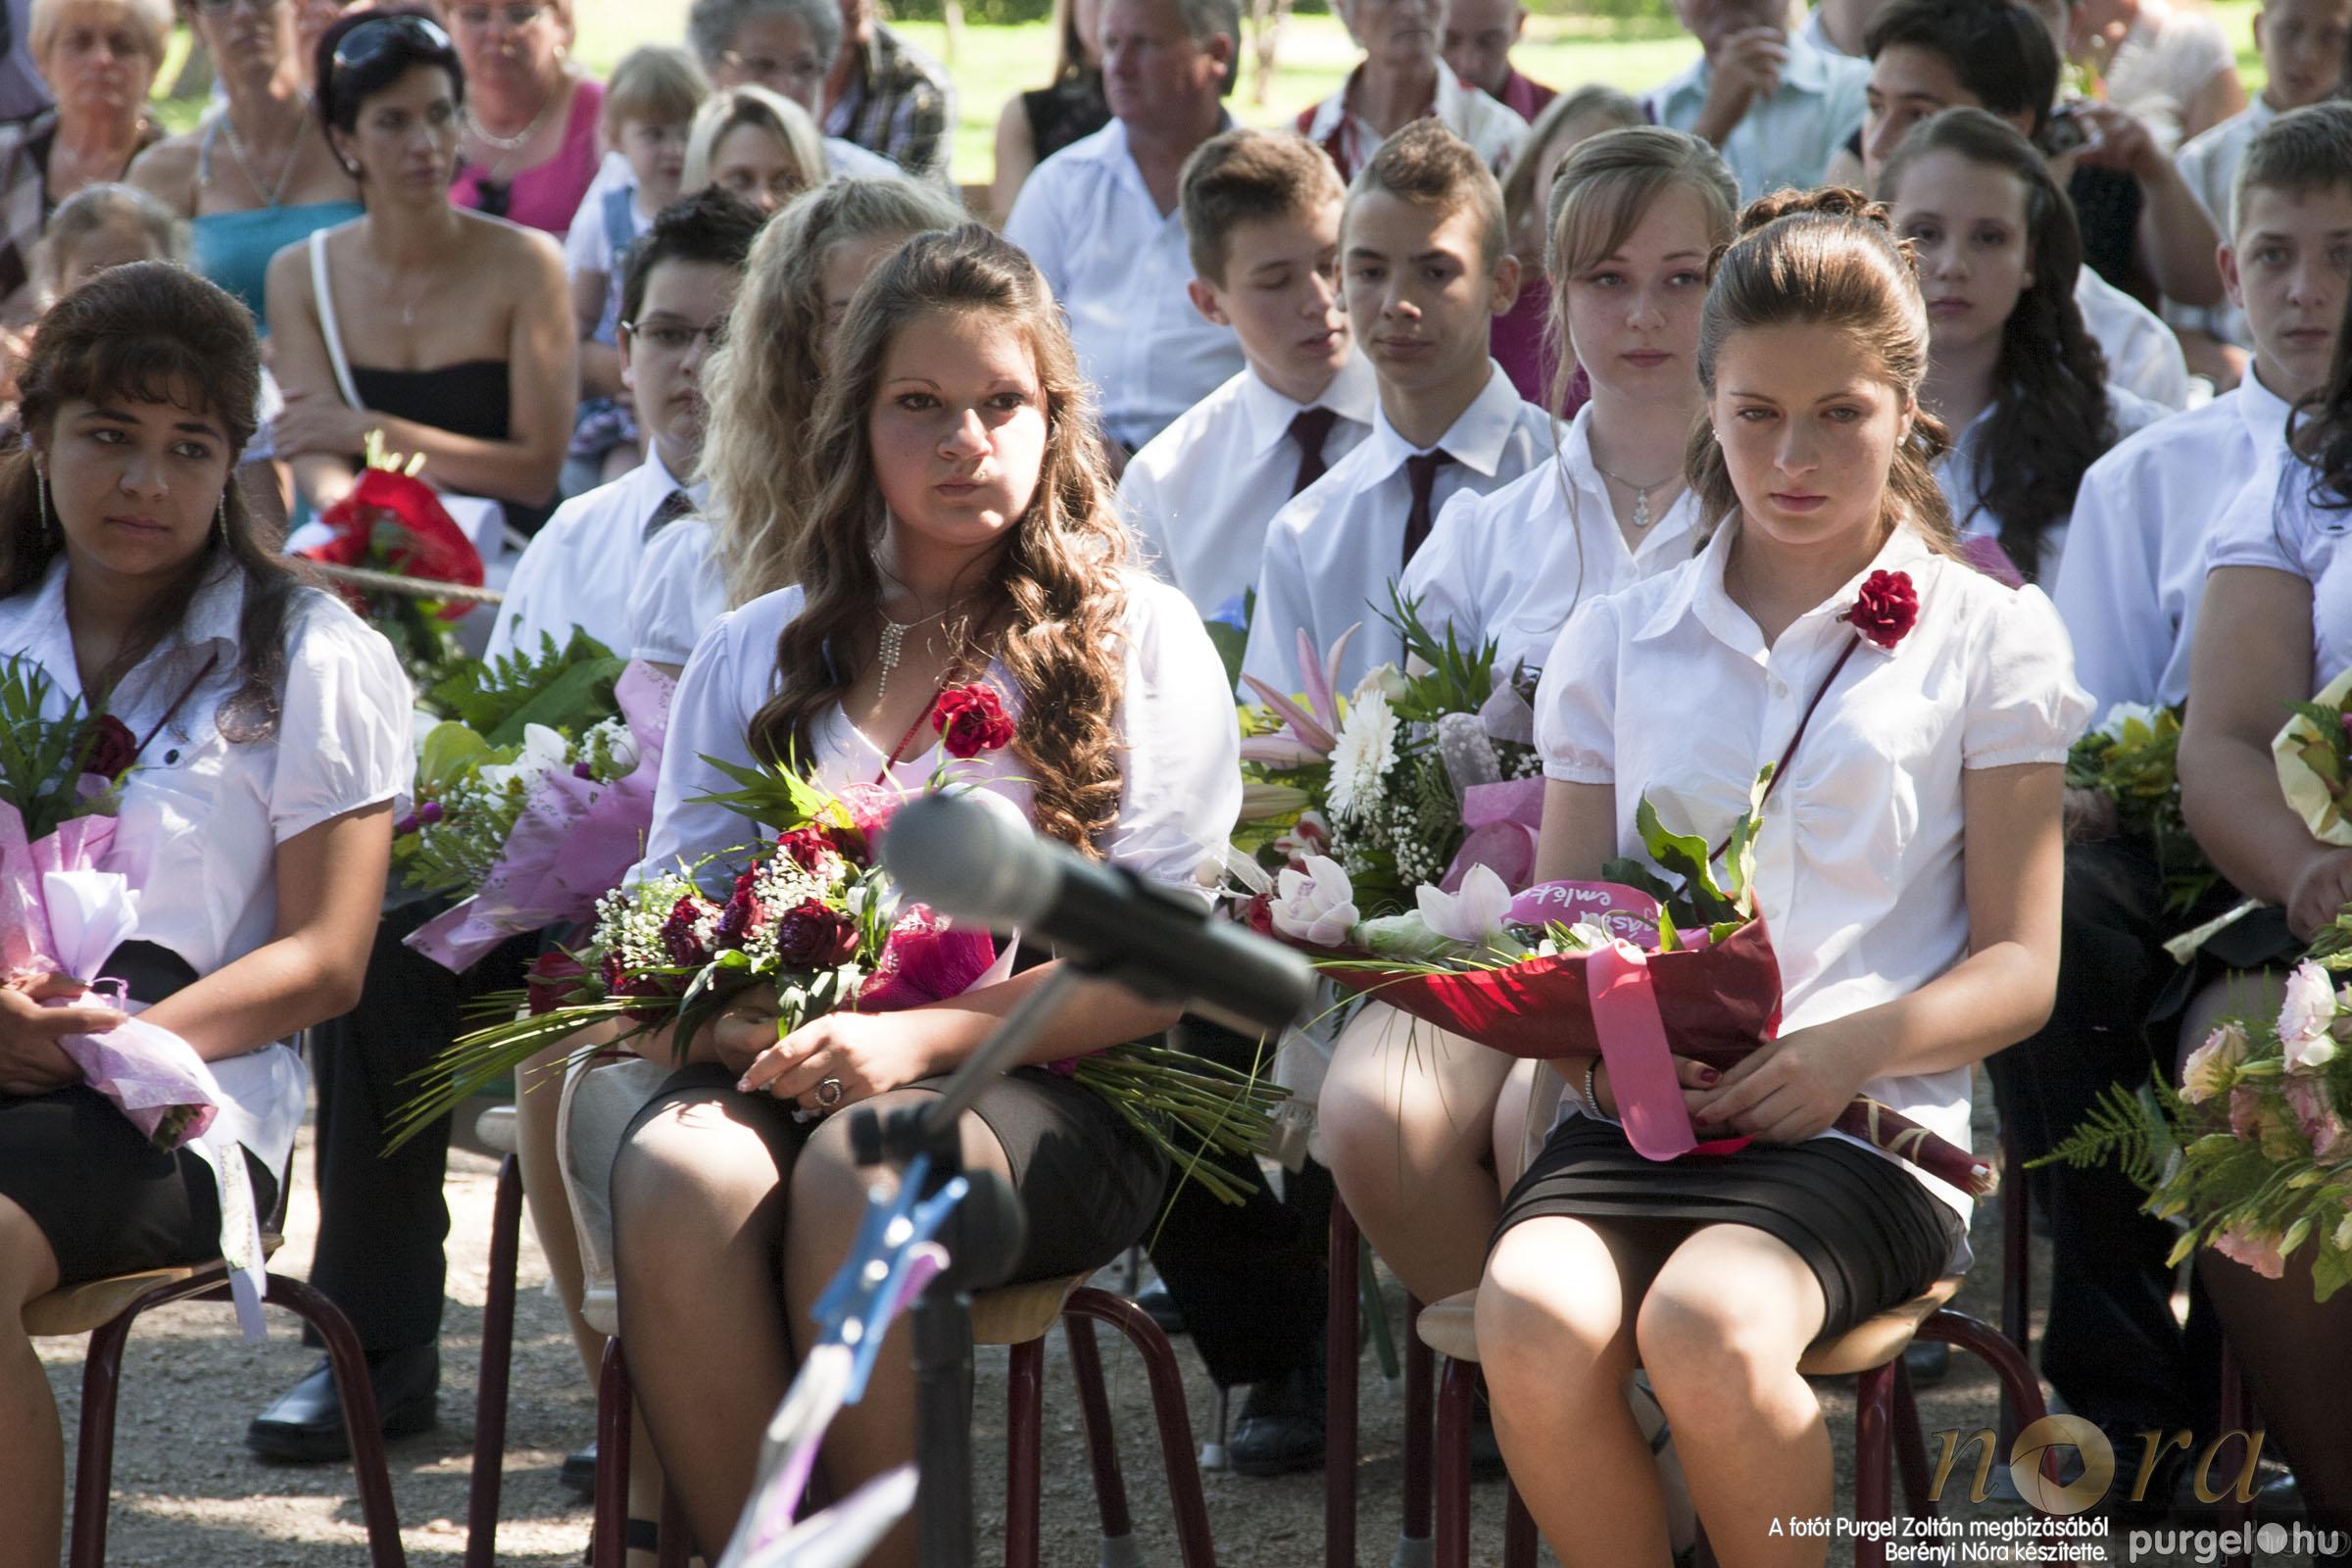 2013.06.15. 200 Forray Máté Általános Iskola ballagás 2013. - Fotó:BERÉNYI NÓRA© _MG_1225.JPG